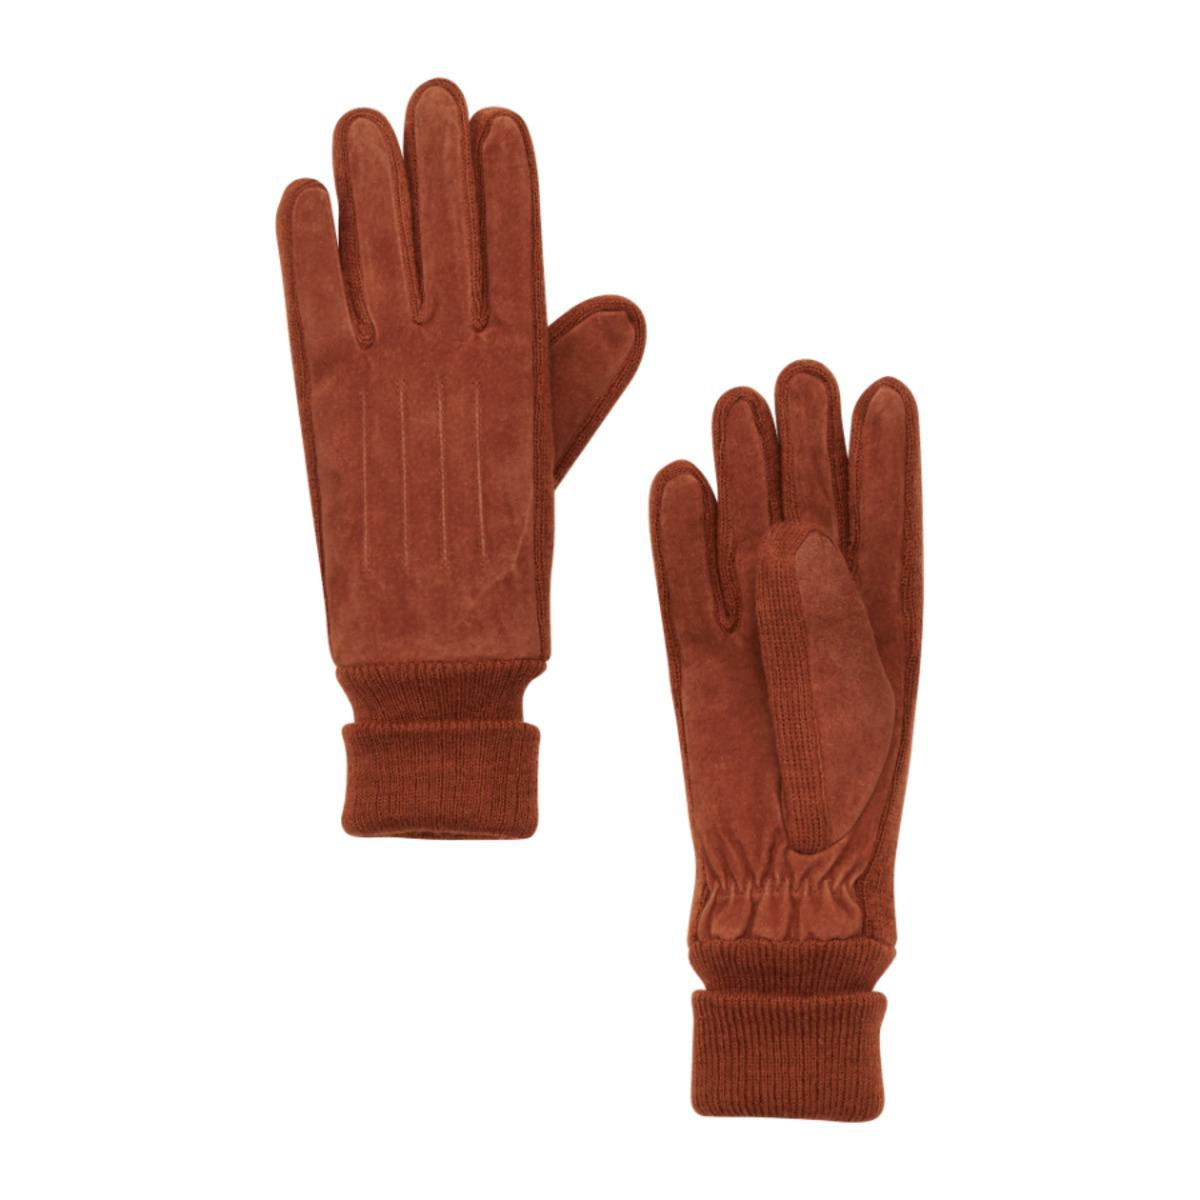 Bild 4 von ROYAL LIFE     Veloursleder-Handschuhe